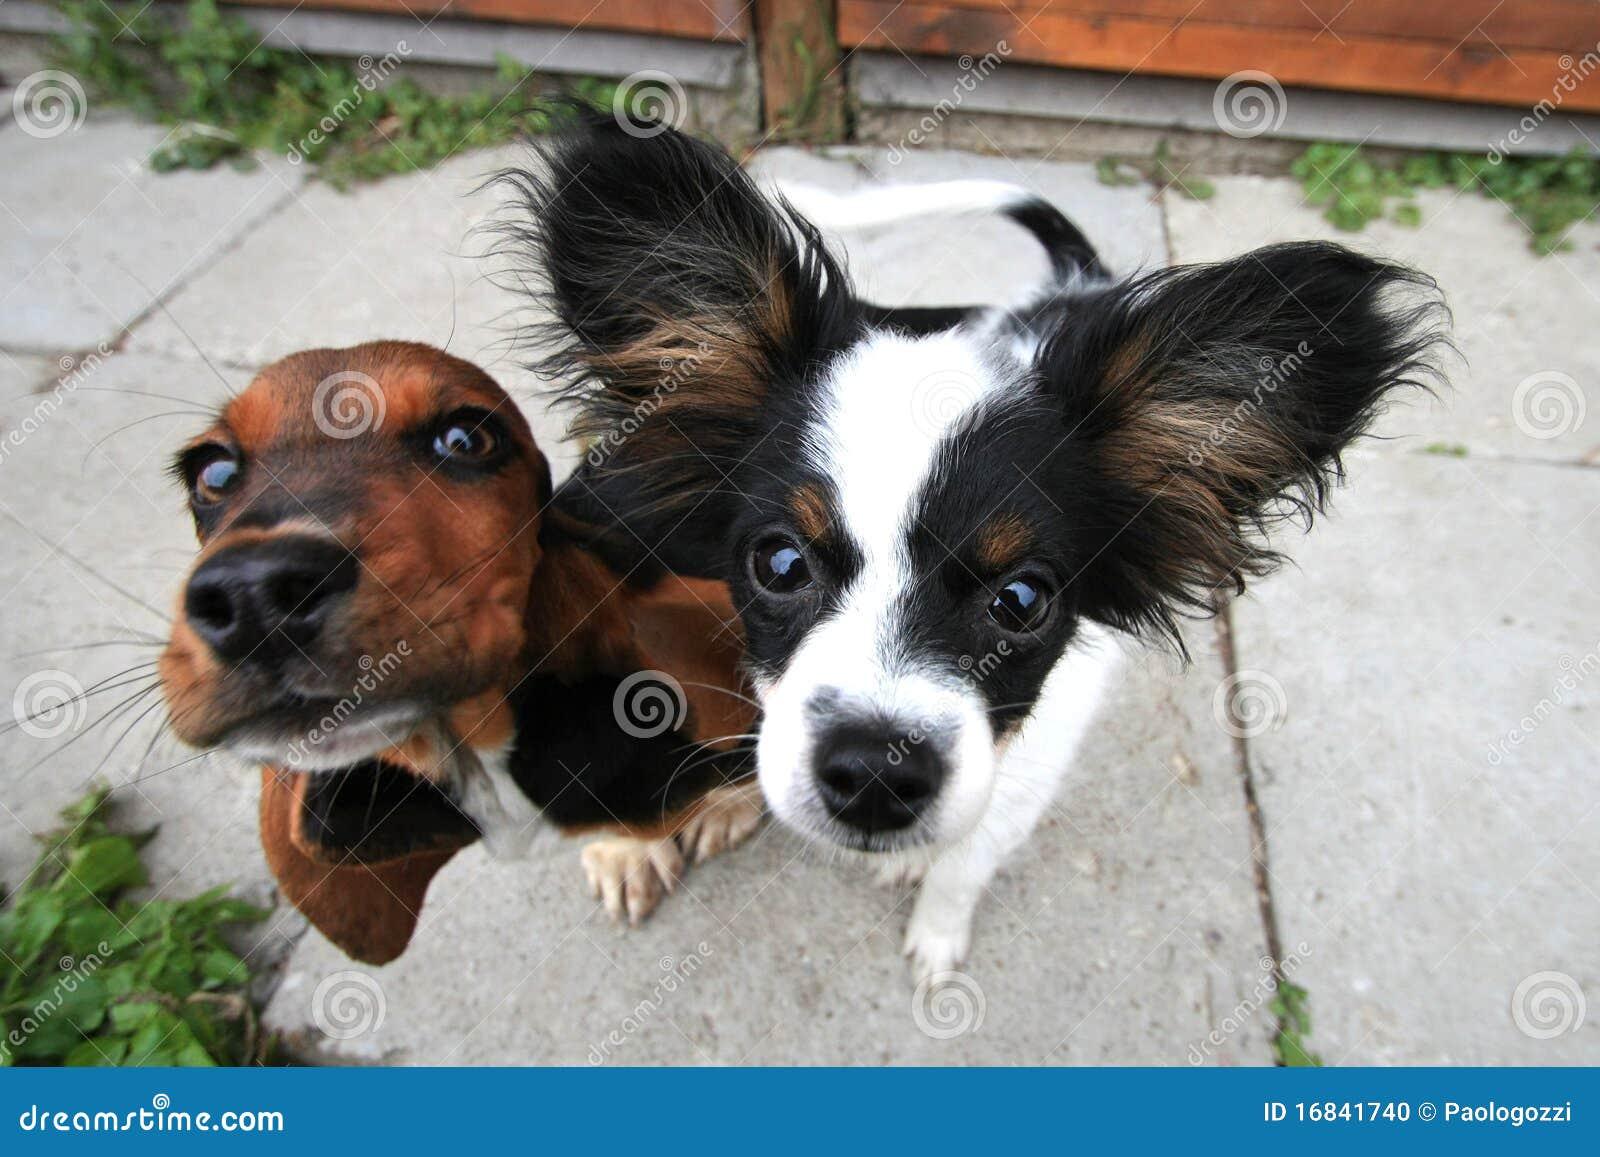 Zwei neugierige Hunde